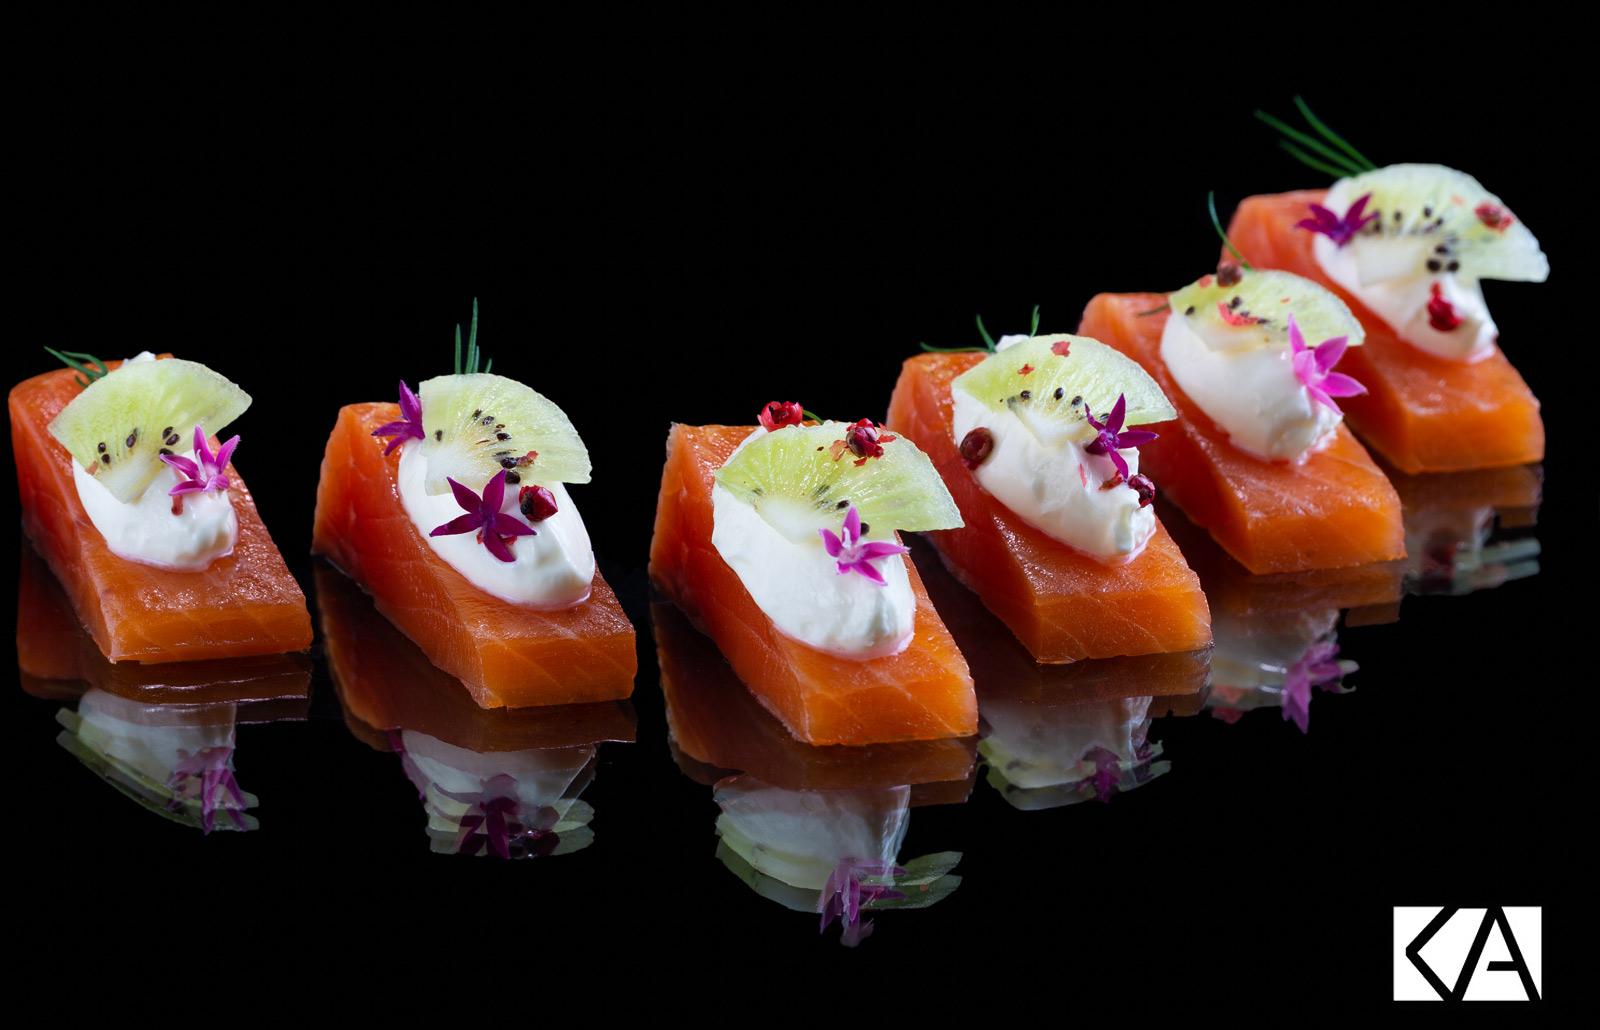 Recette de pavé de saumon fumé et Kiwi de l'Adour